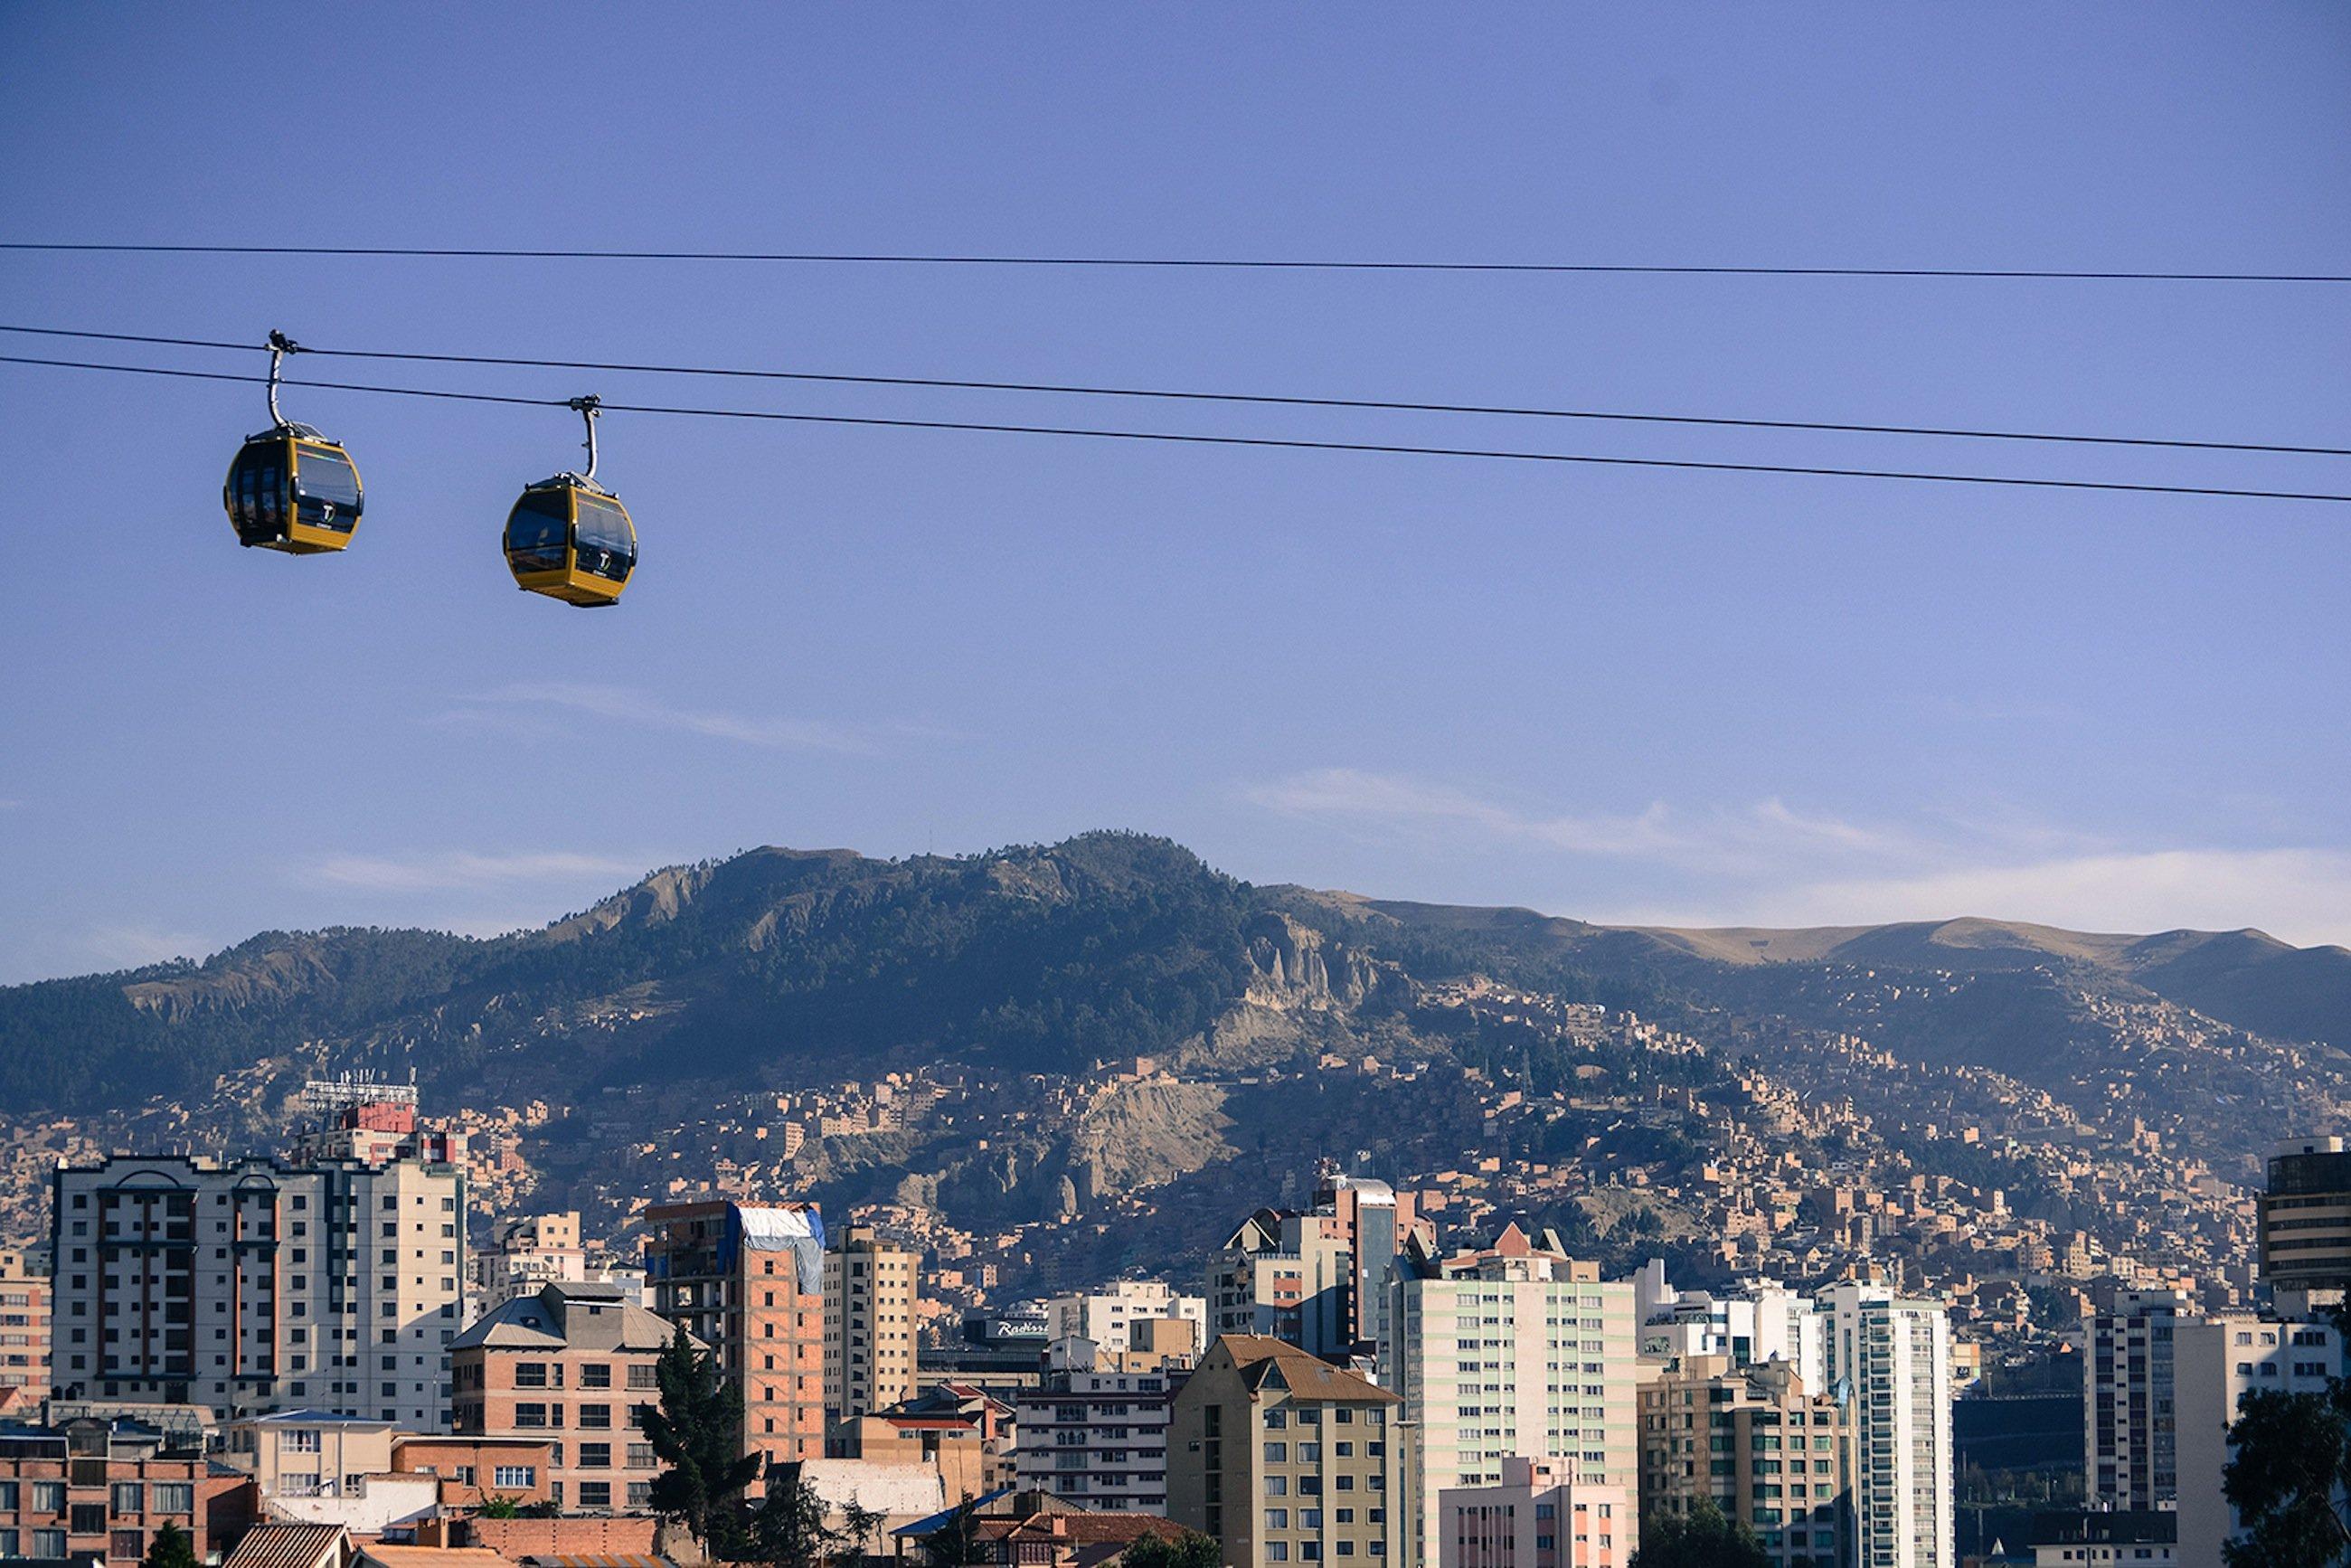 Die Seilbahnen in La Paz kommt bei der Bevölkerung gut an: Nach weniger als einem Jahr Betrieb sind 16 Millionen Fahrten verbucht.